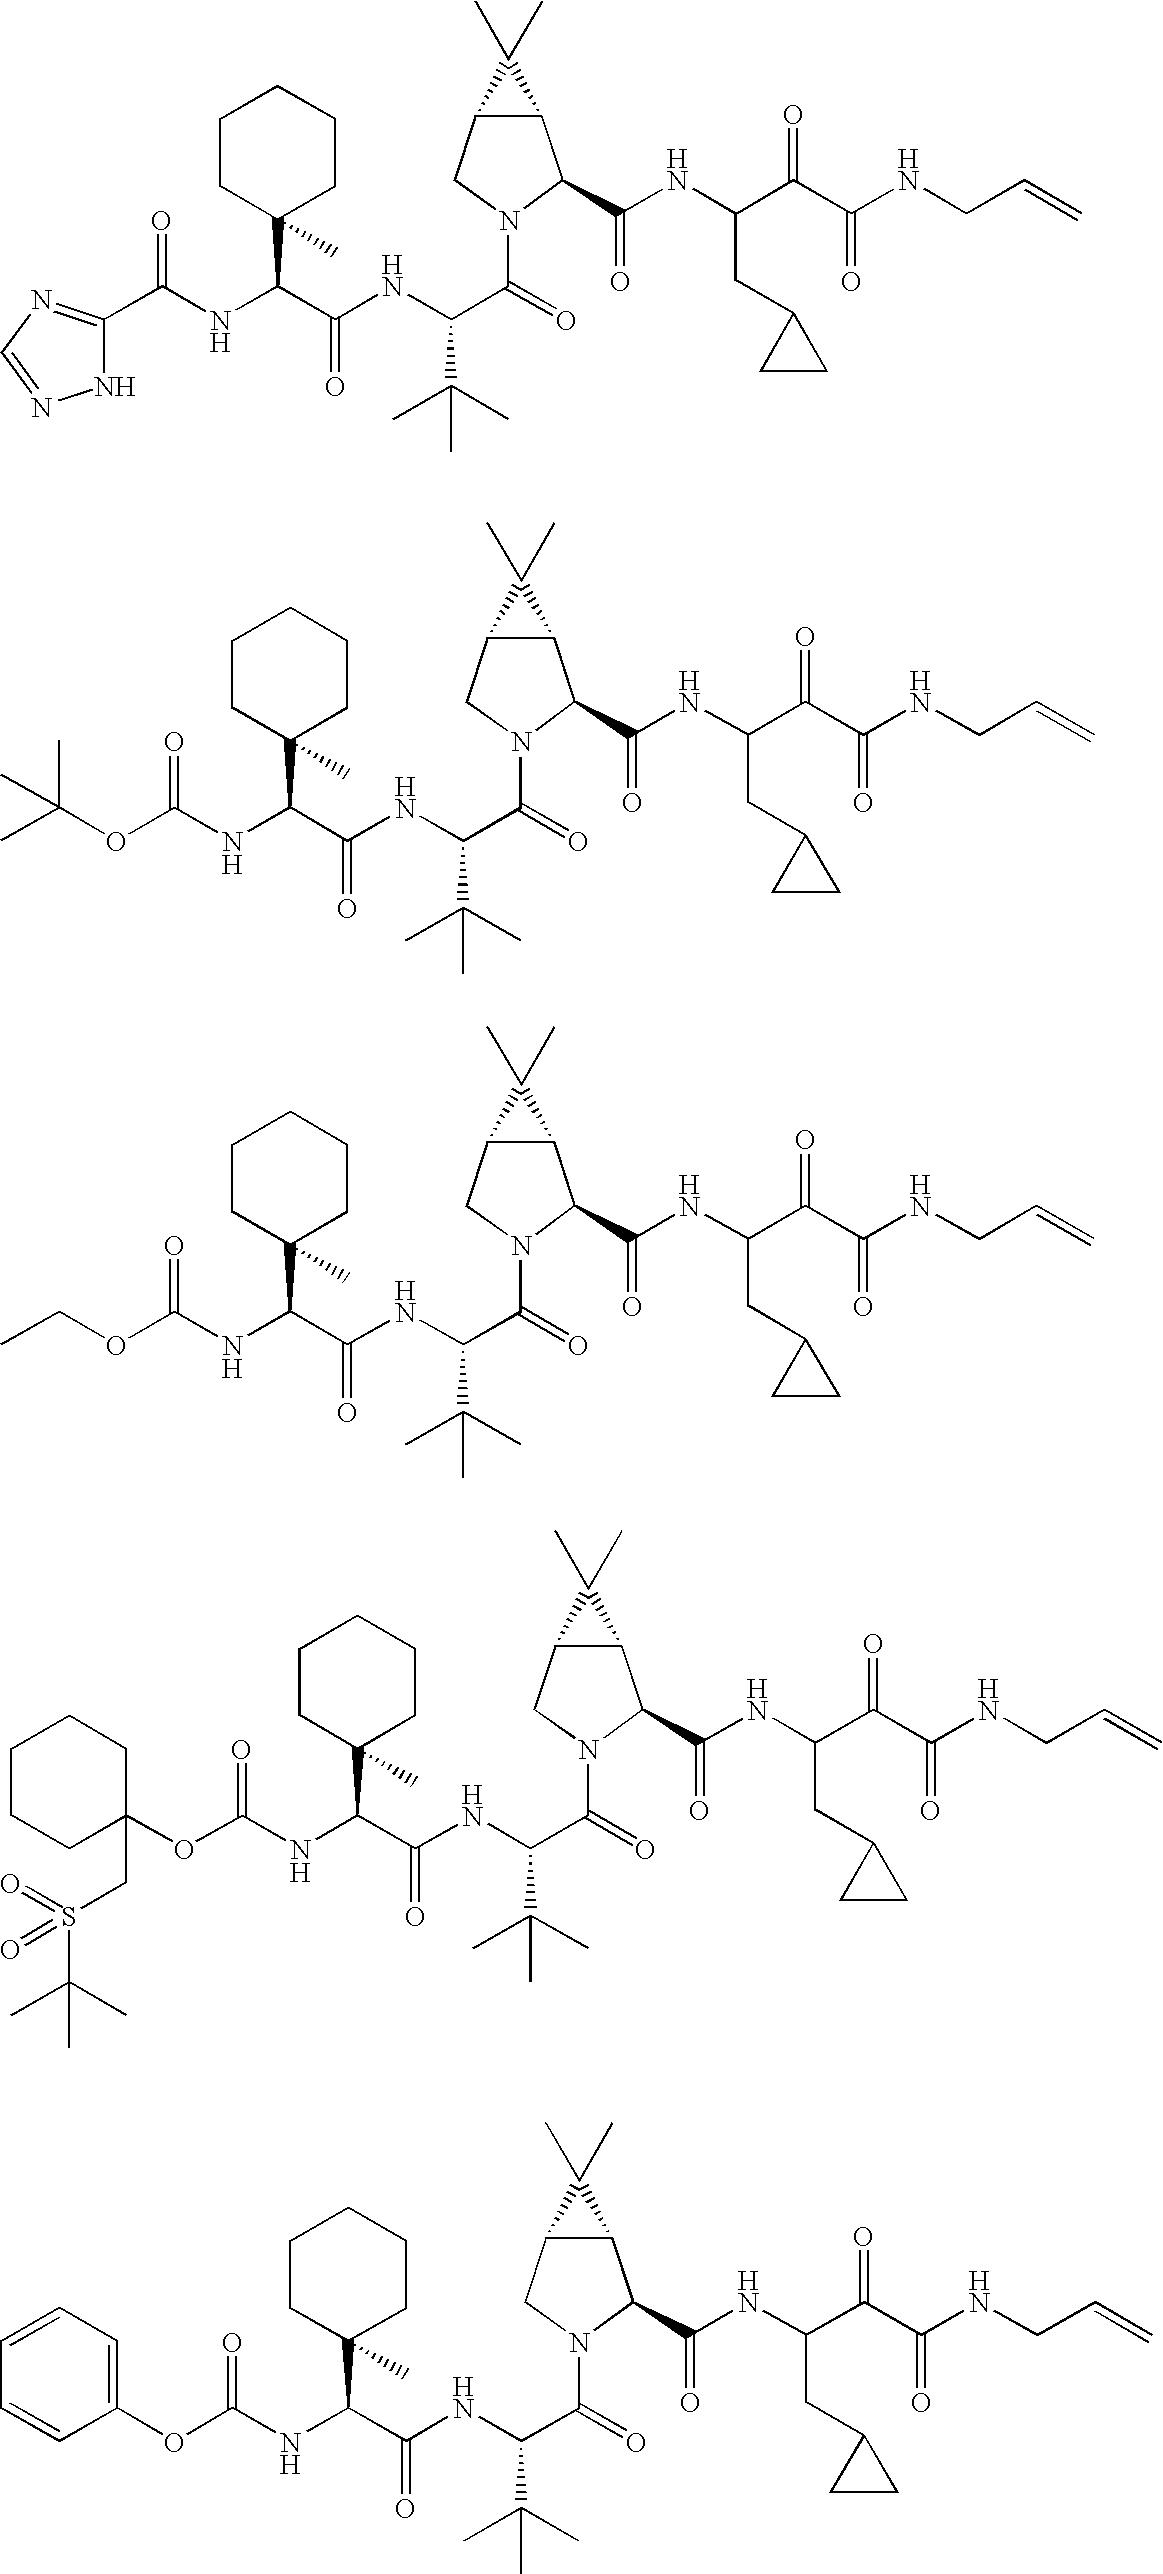 Figure US20060287248A1-20061221-C00491